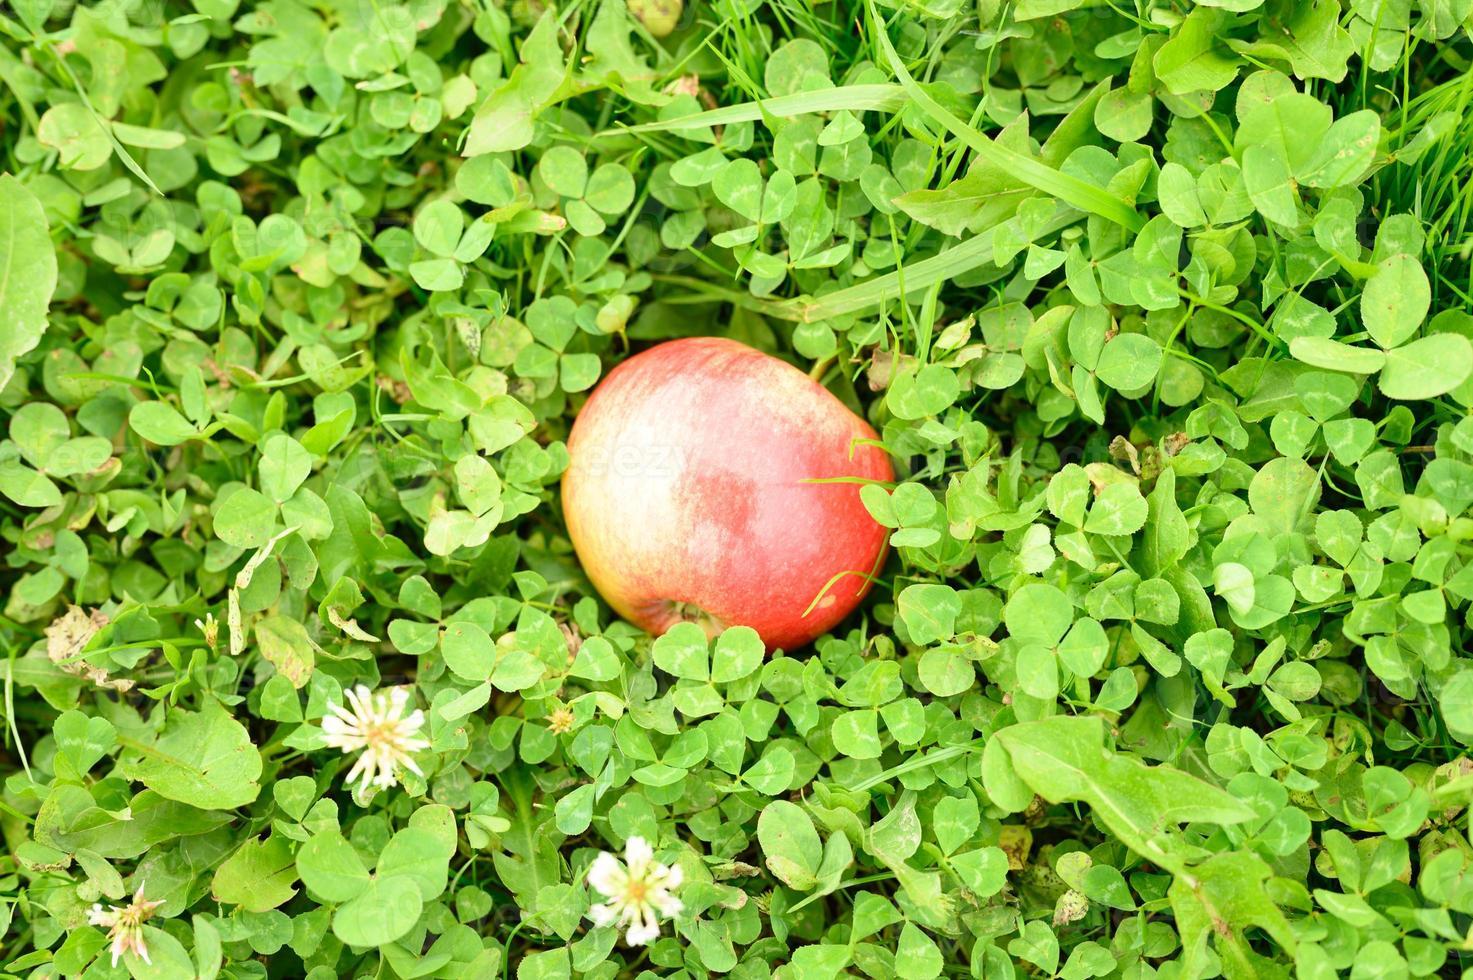 Manzana roja madura brillante sobre la hierba verde foto